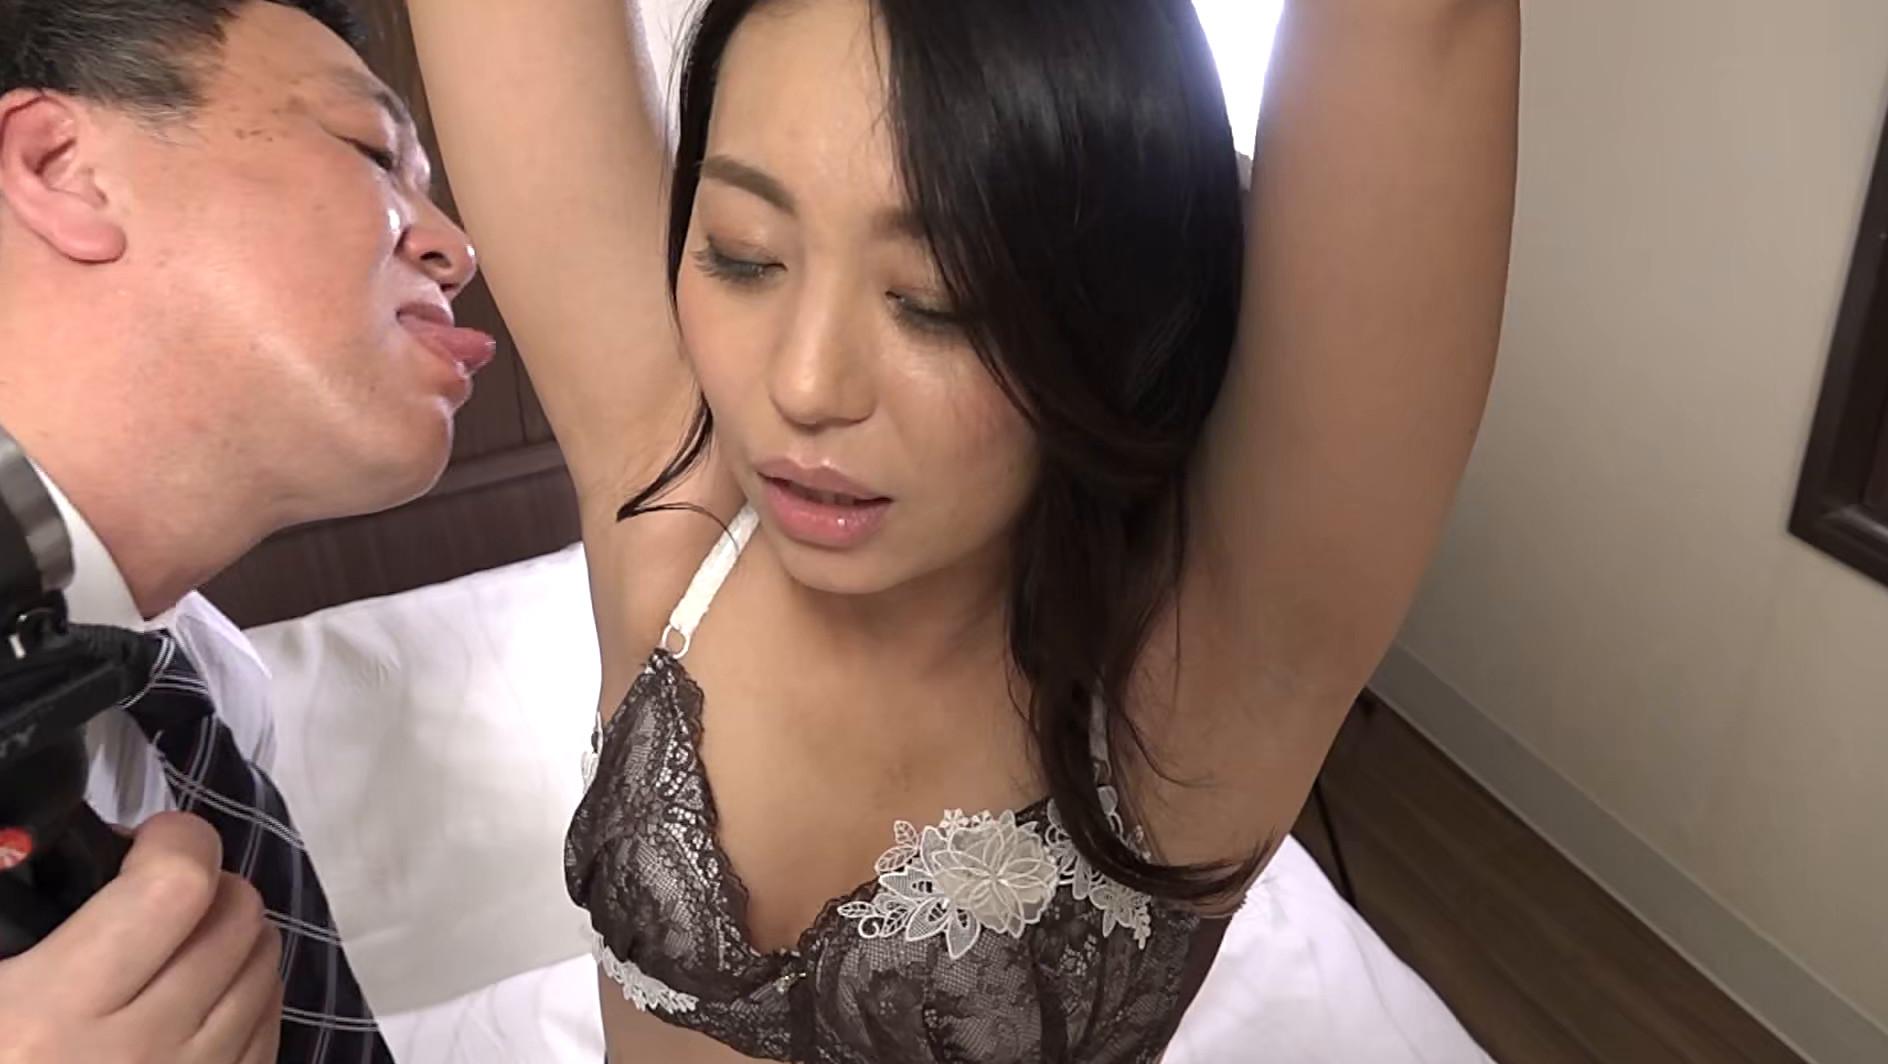 訳あり熟女の初撮りAVに完全密着(2)~複数プレイがしてみたい・和奈さん(35歳)&SEXが好きすぎて・百合さん(40歳) 画像17